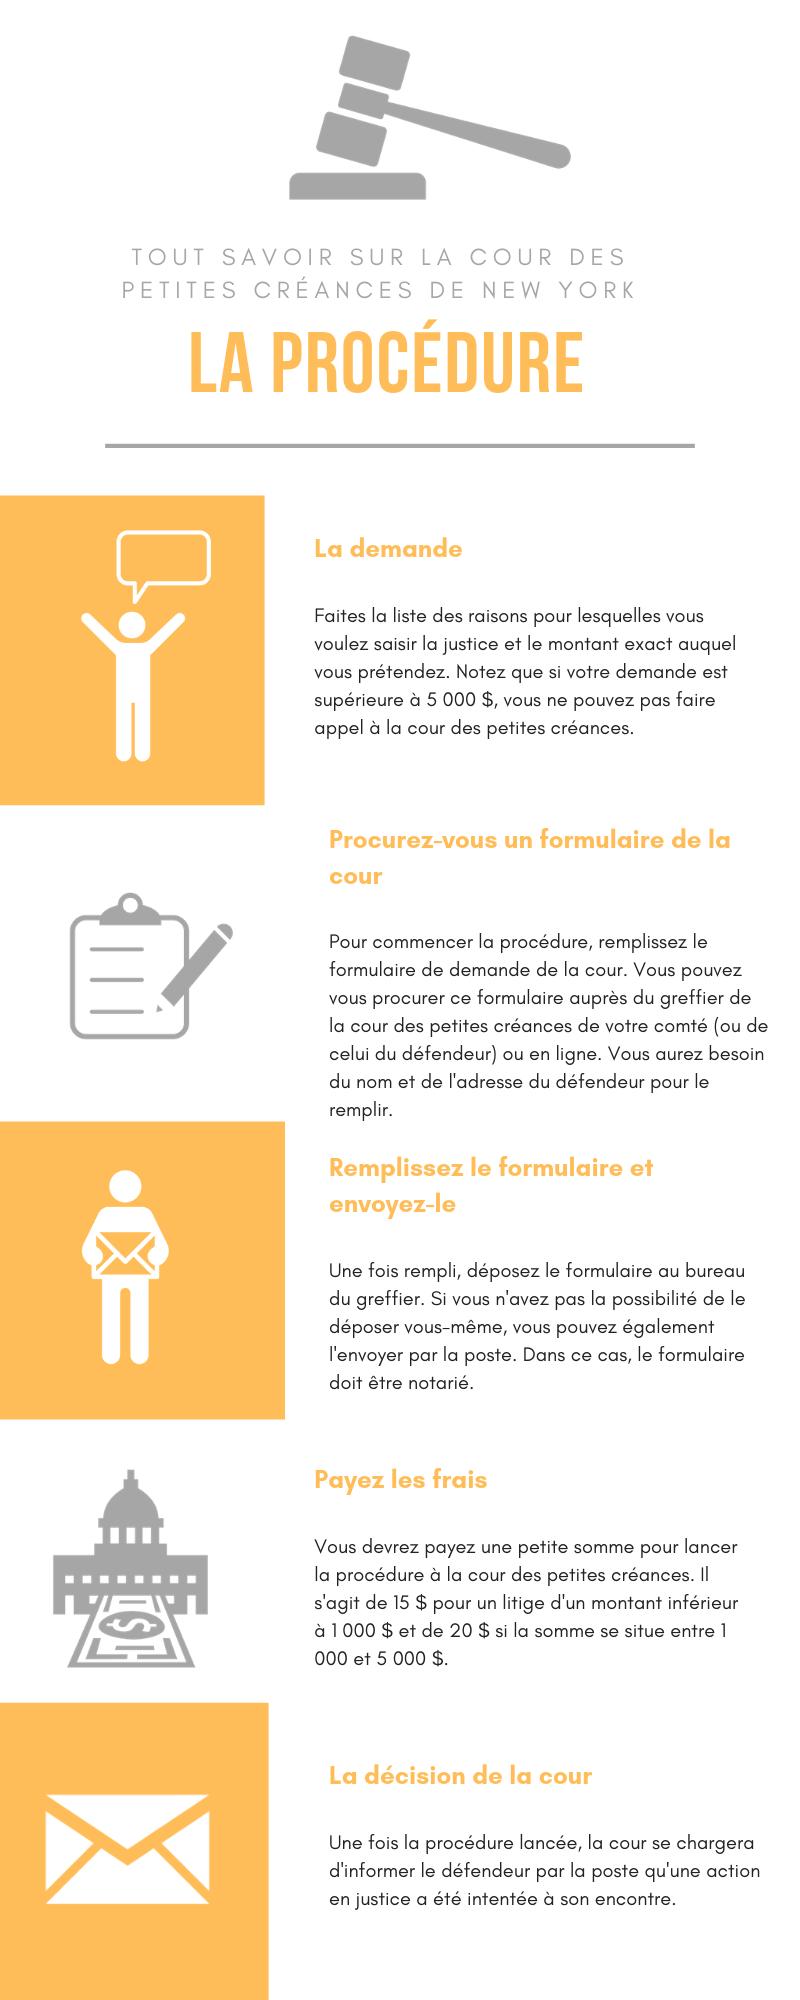 Infographie détaillant les étapes nécessaires à la saisie de la cour des petites créances.